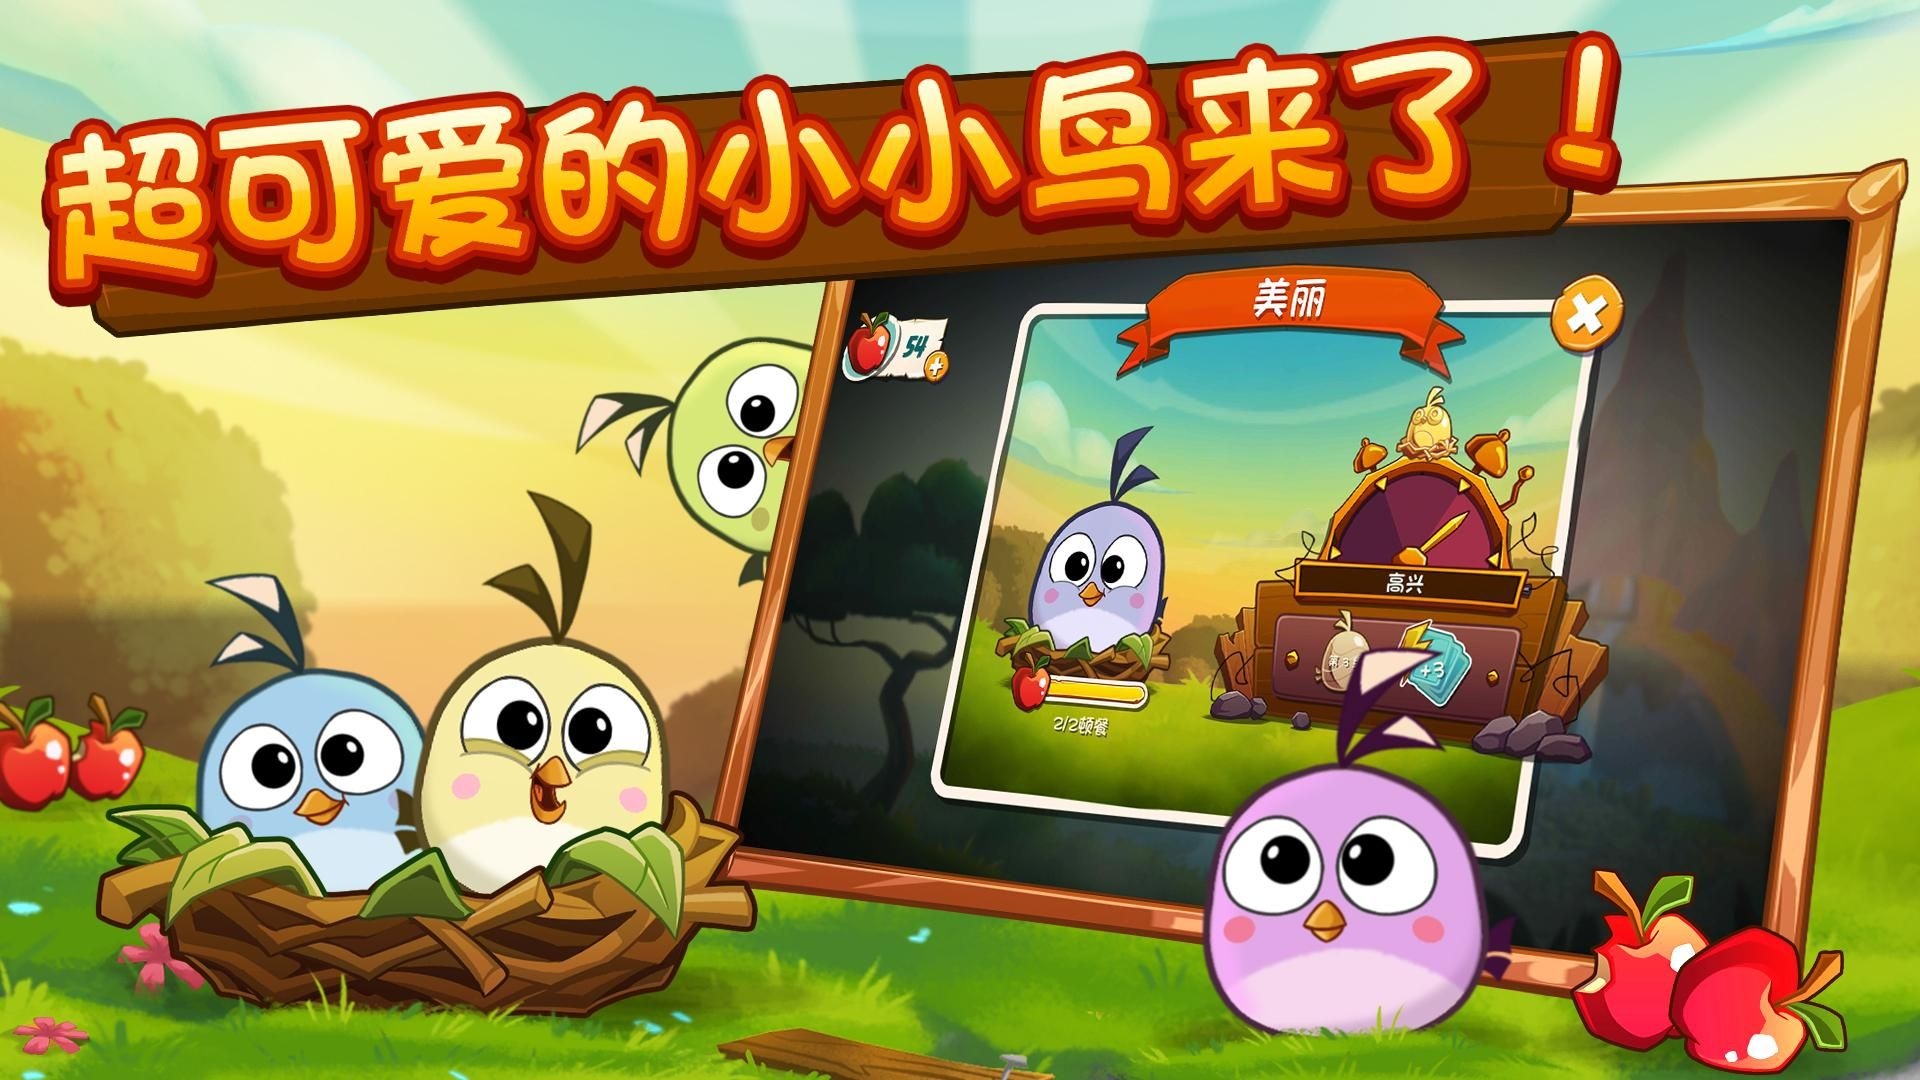 愤怒的小鸟2 游戏截图2